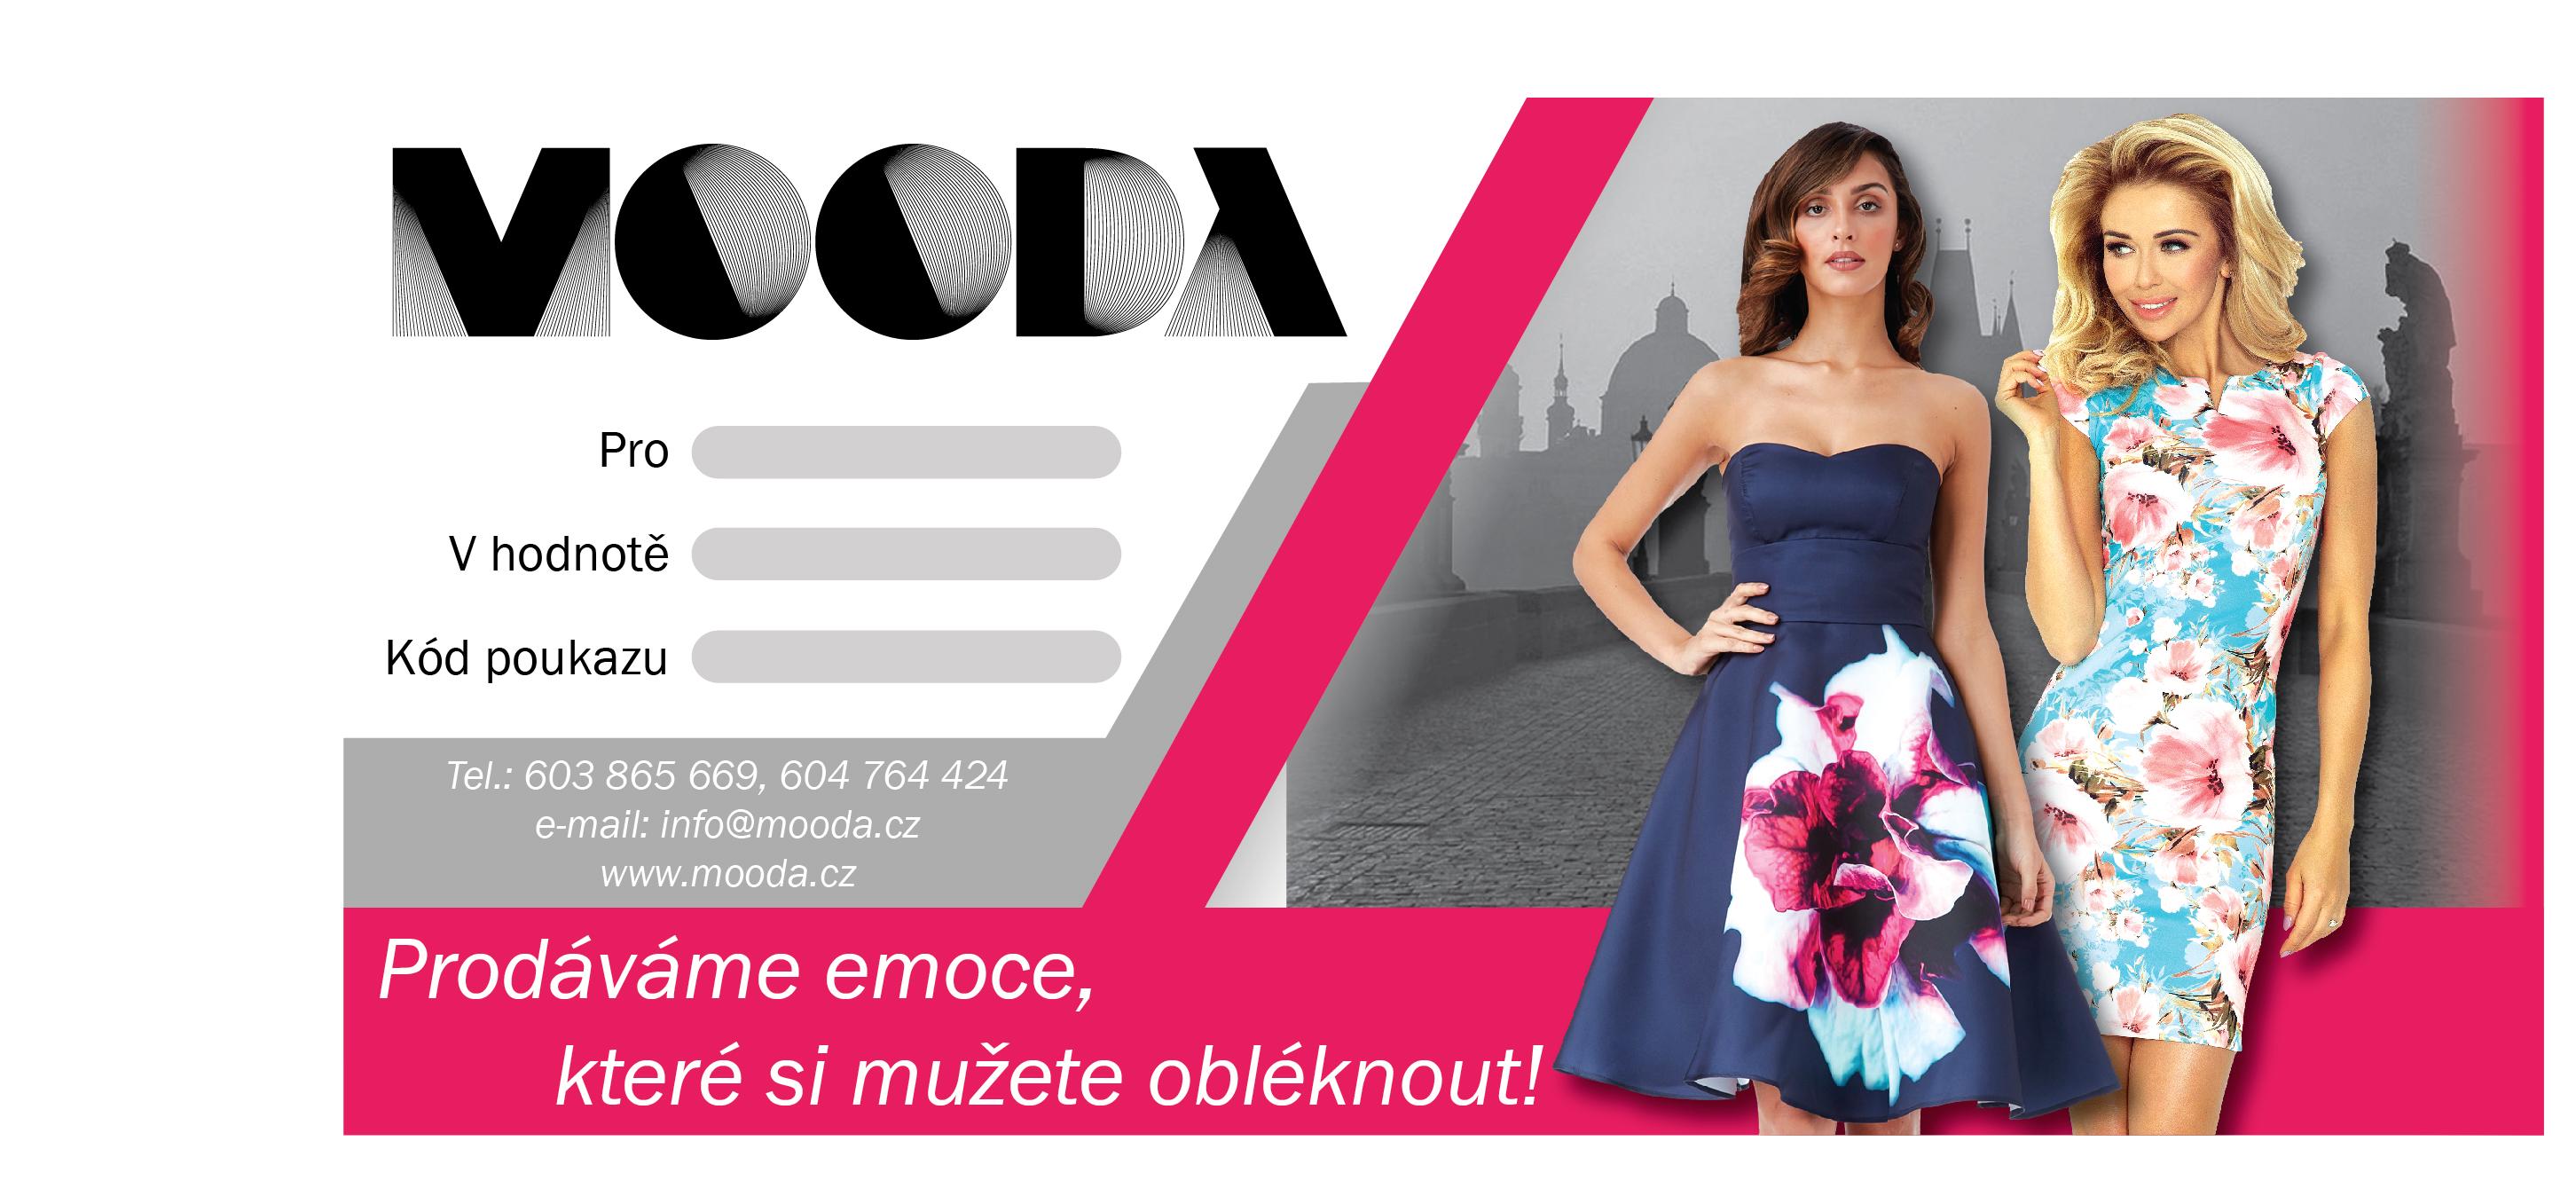 Dárkový poukaz MOODA.cz